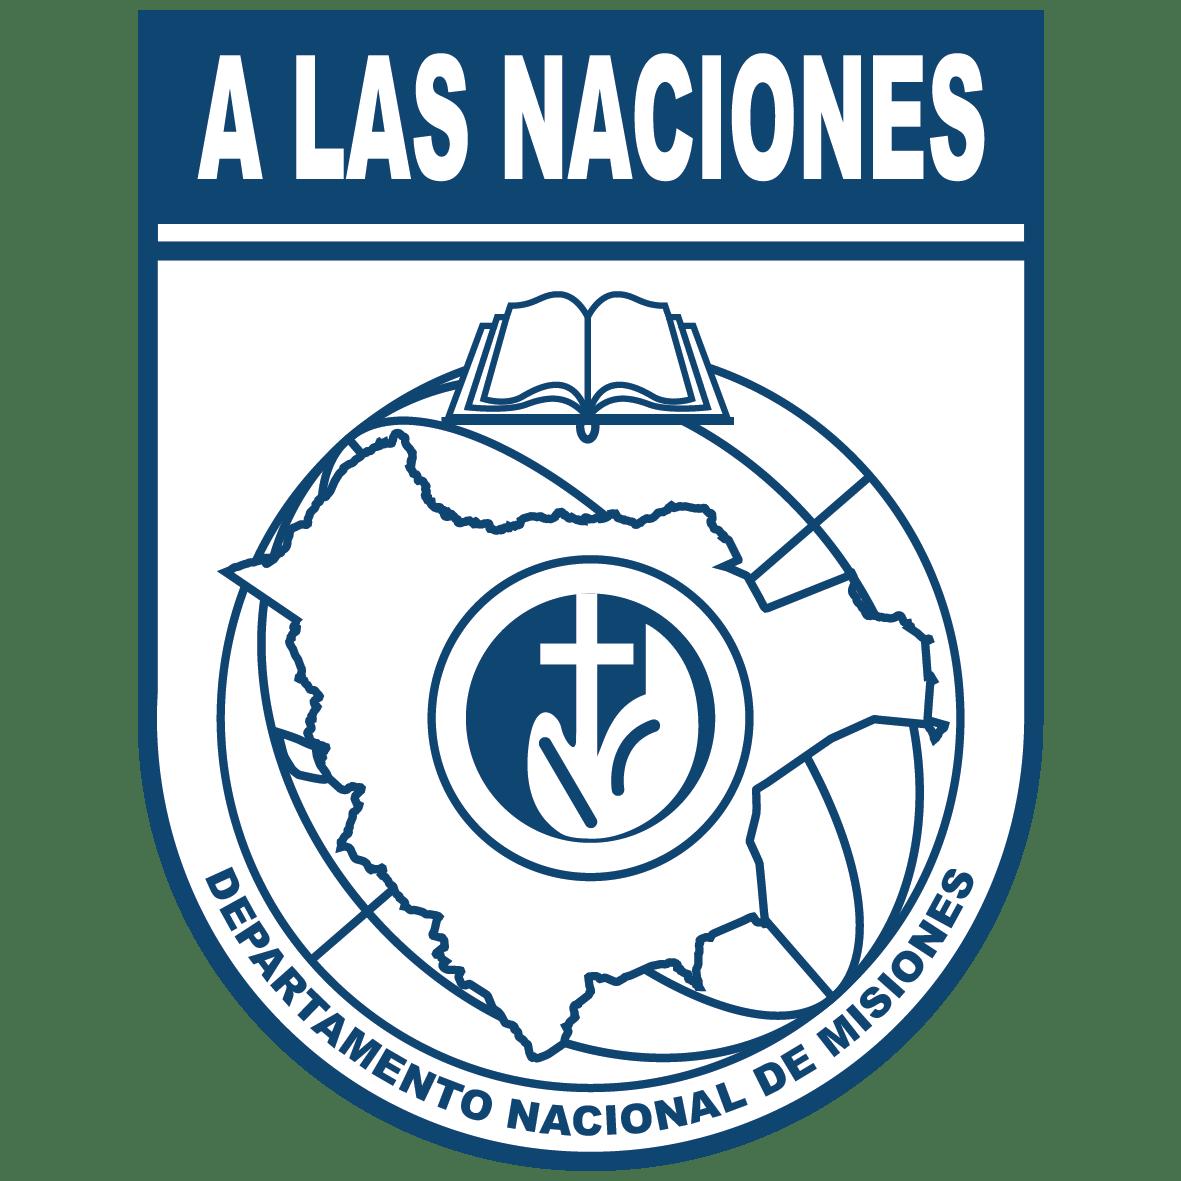 Departamento Naciones de Misiones